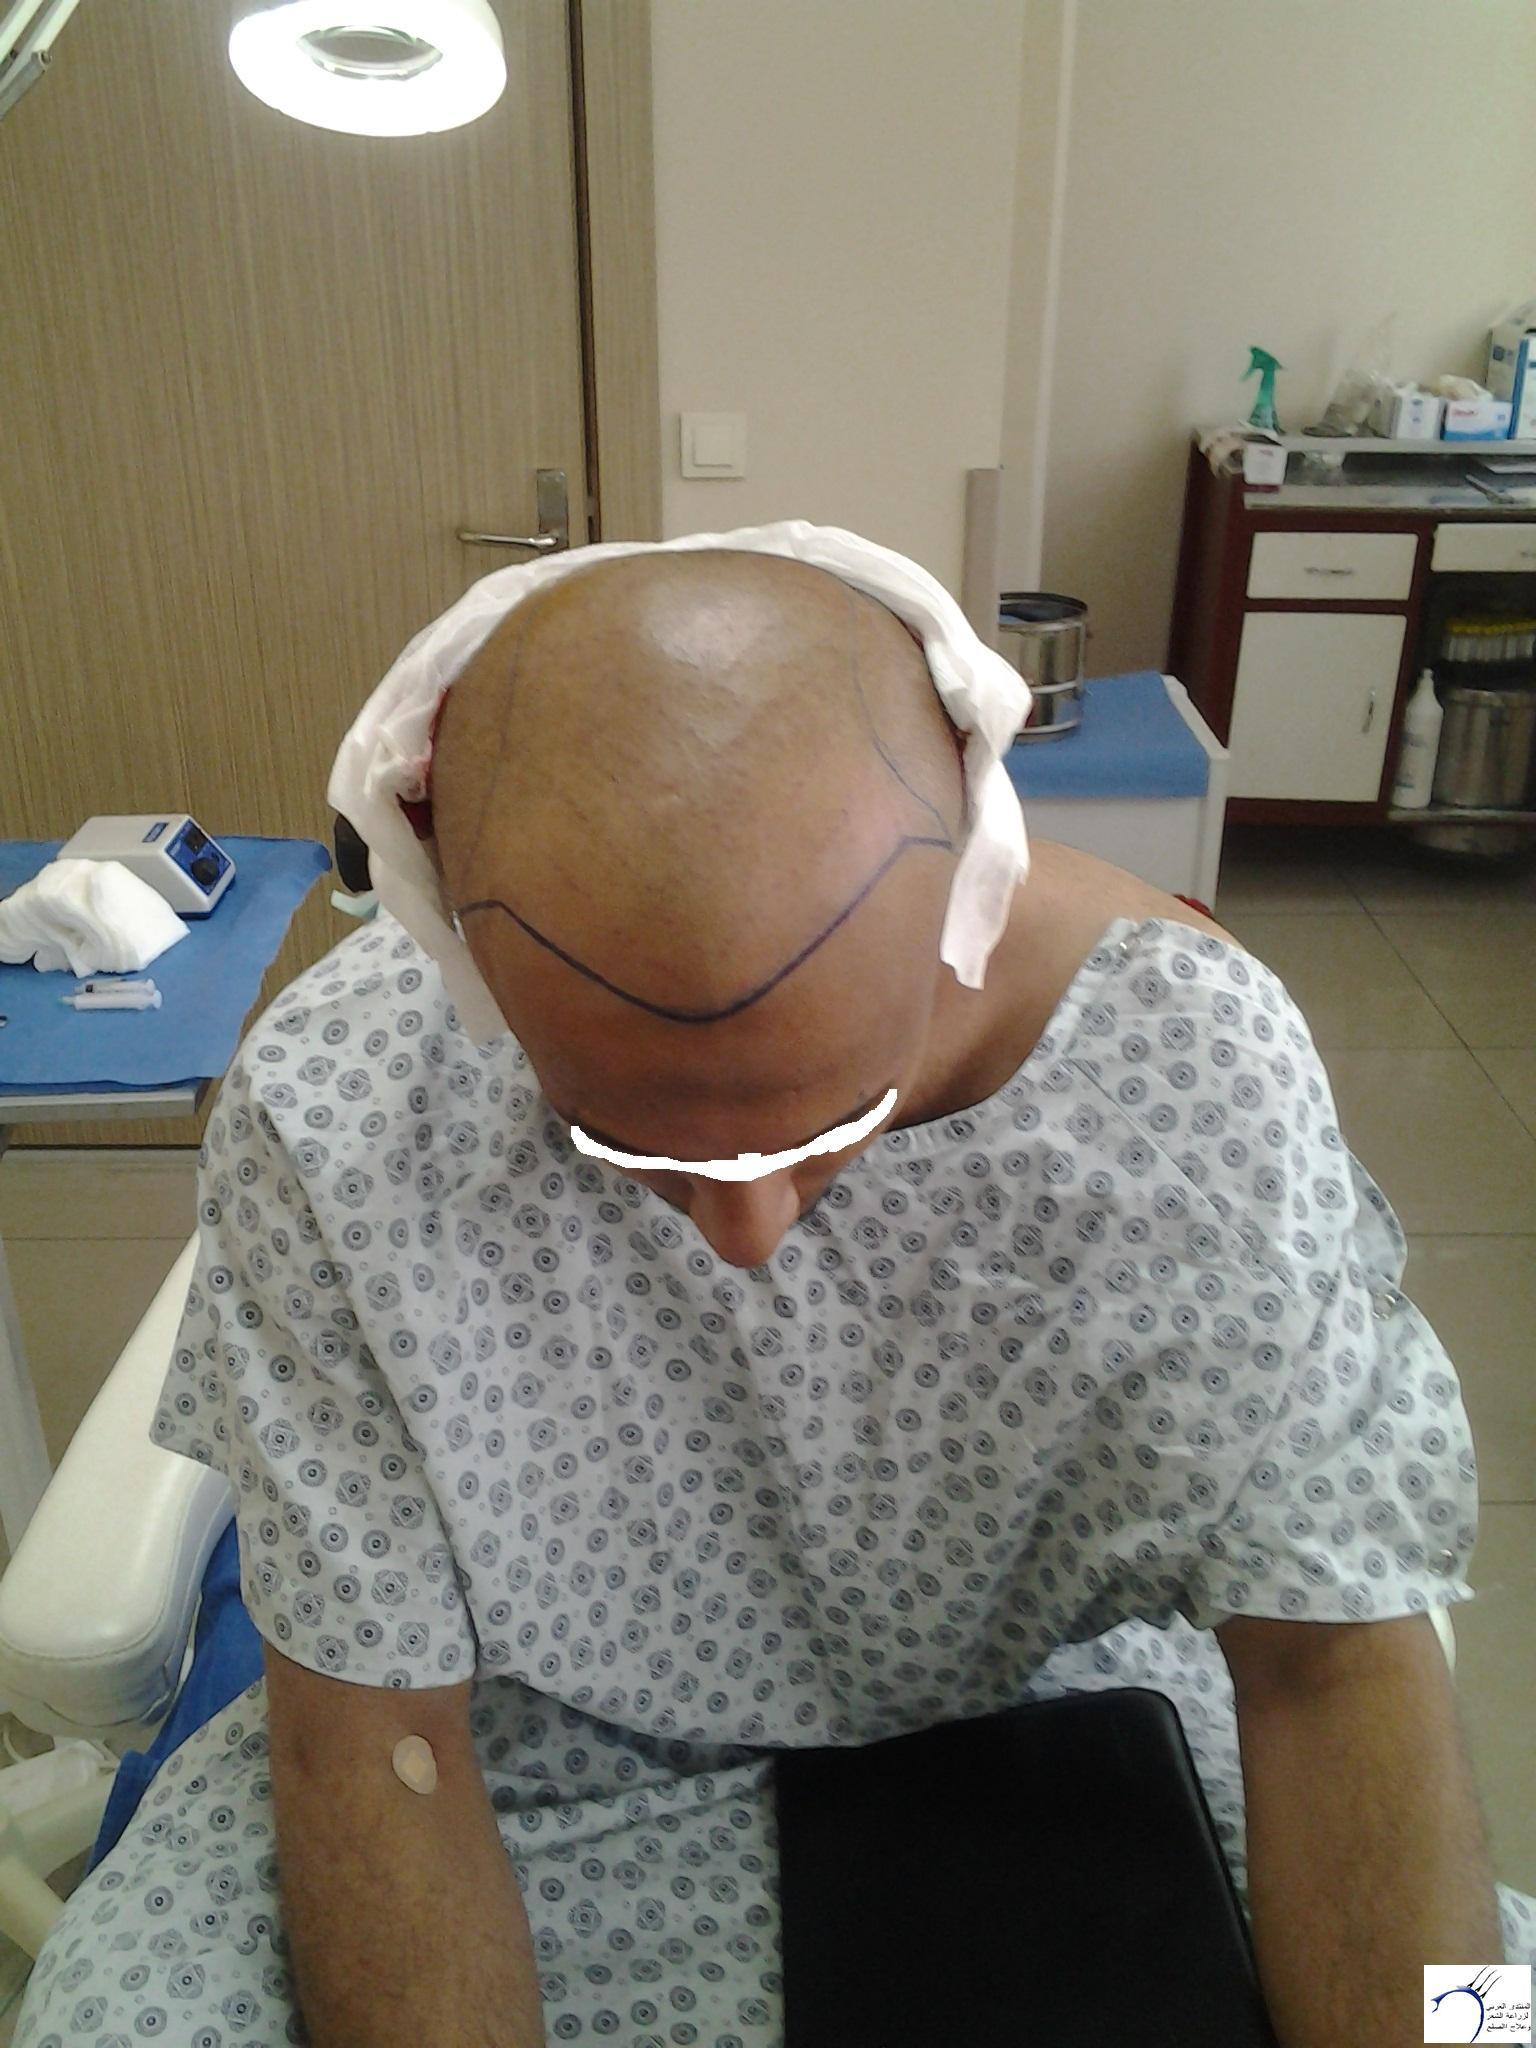 الدكتور (تحديث السابع) www.hairarab.com429d